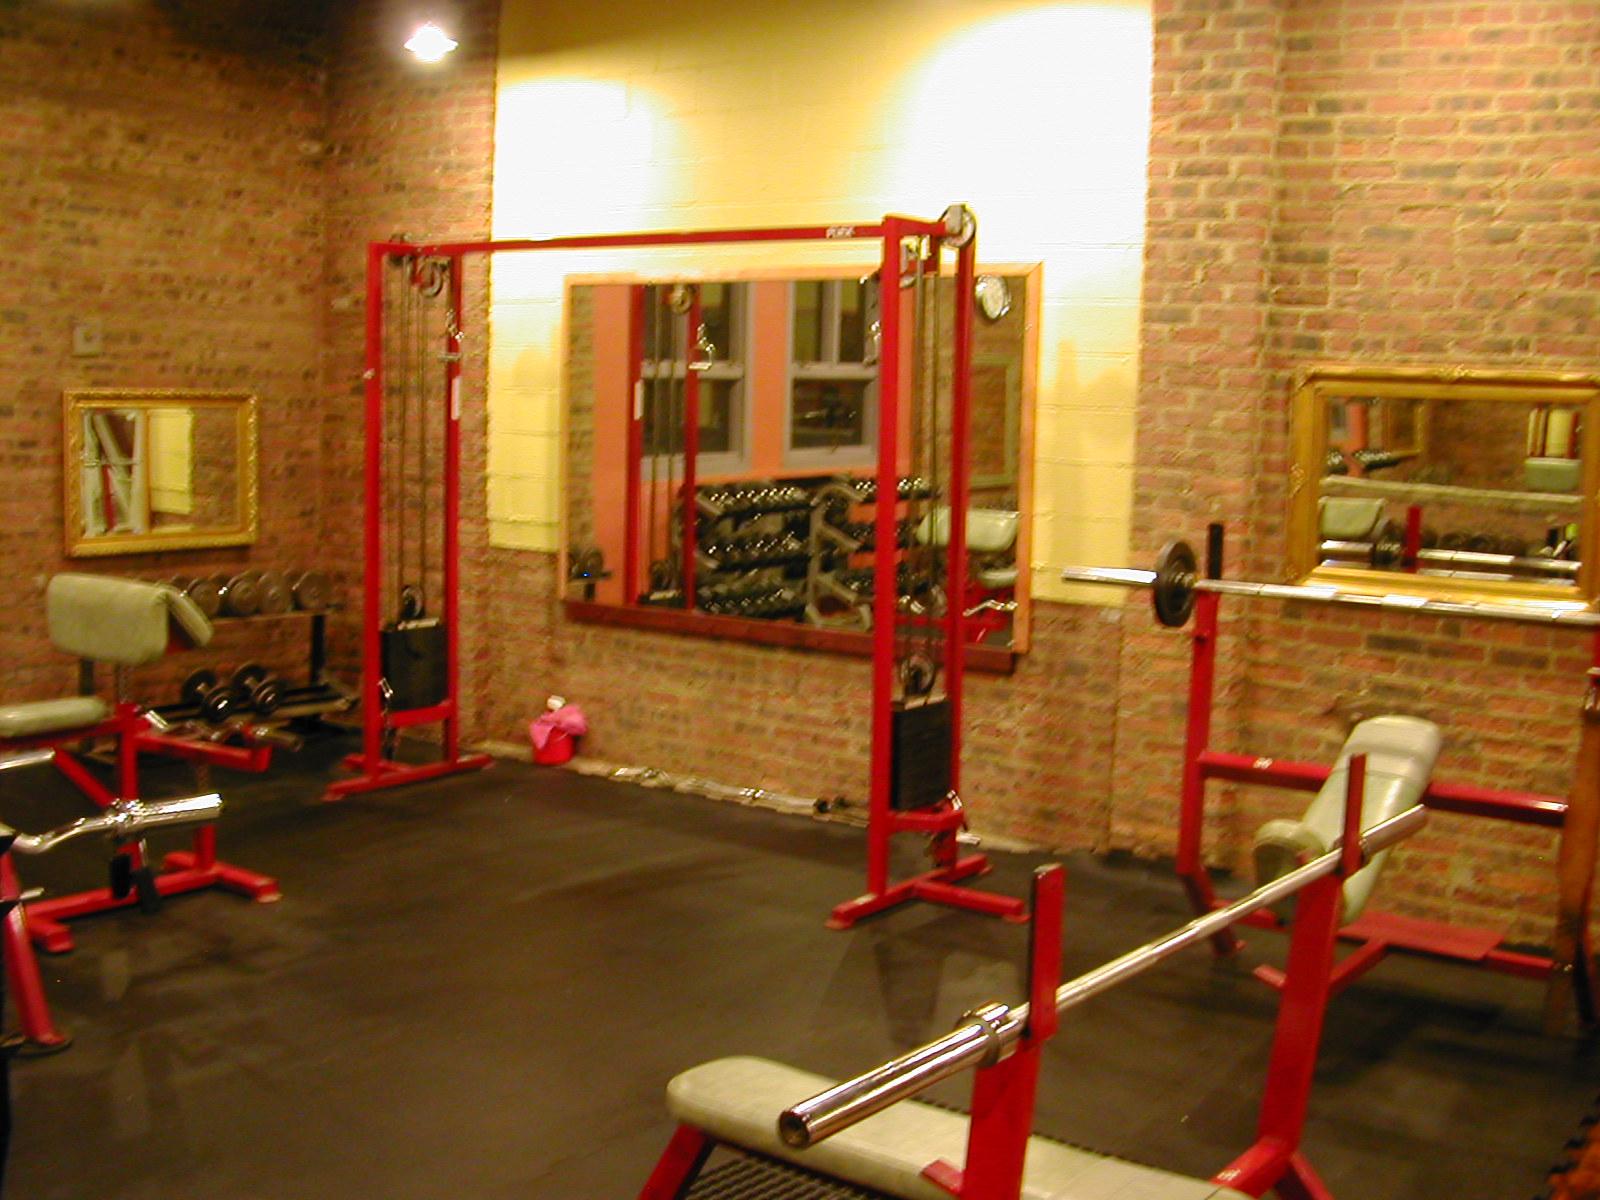 Aiki_3_months_and_Gym_2nd_floor_0104_131 (2)